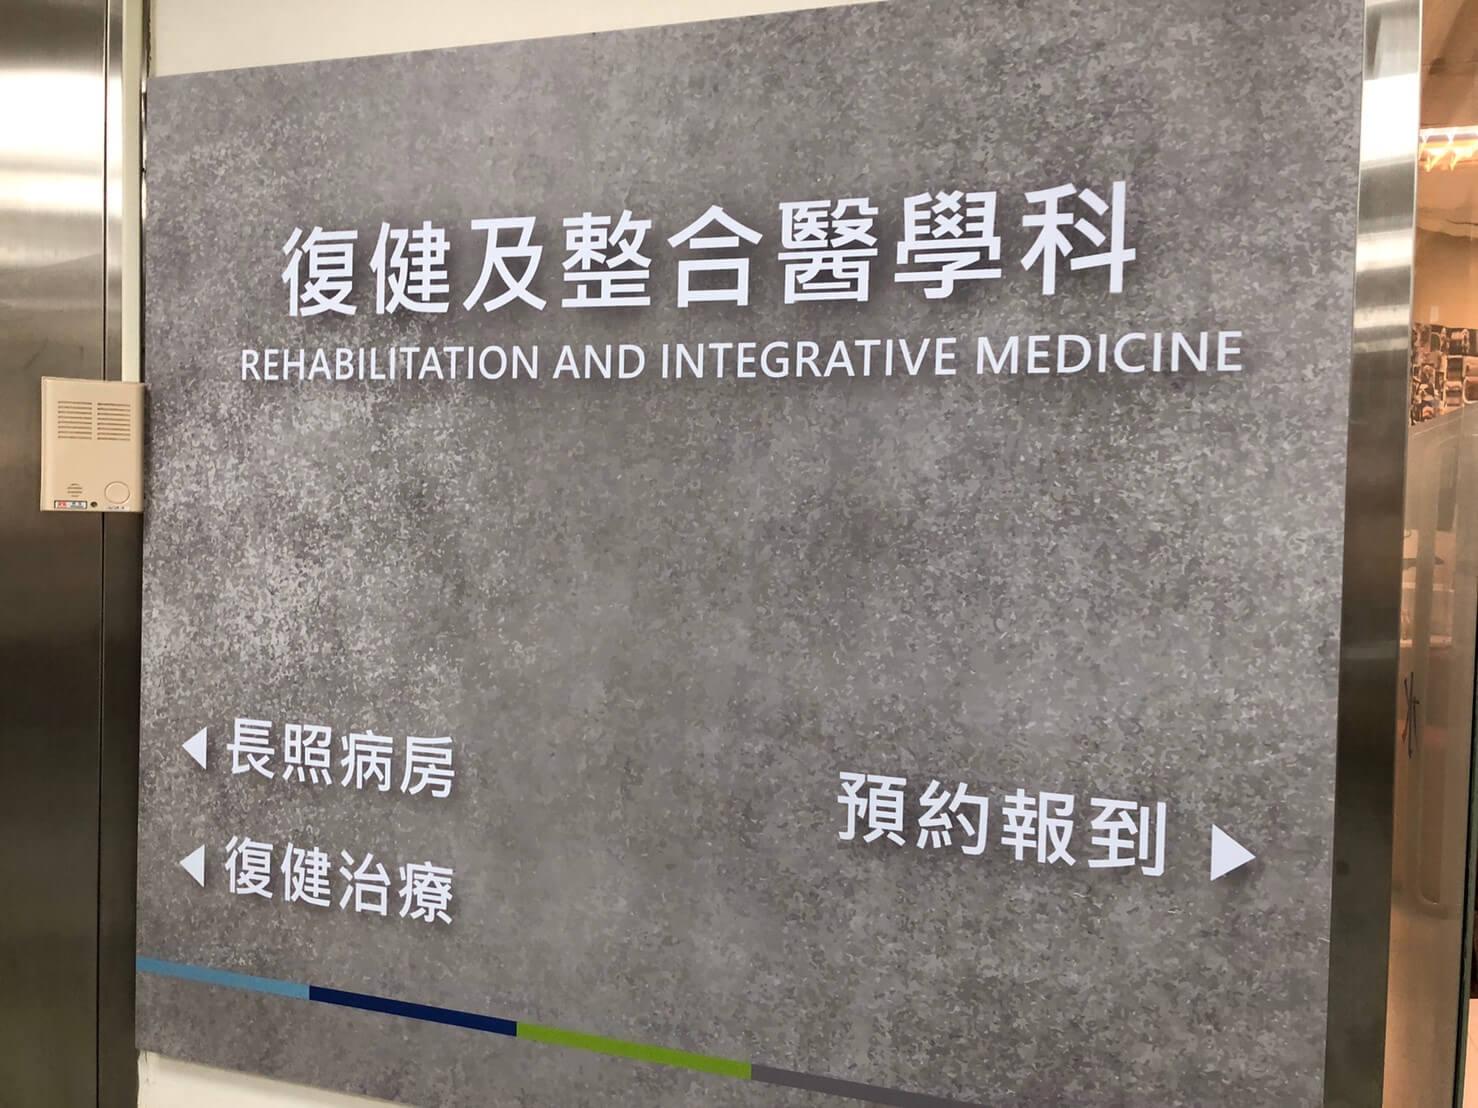 臺北市動物安養機構揭牌儀式:北市動物安養機構設有長照病房和復健治療